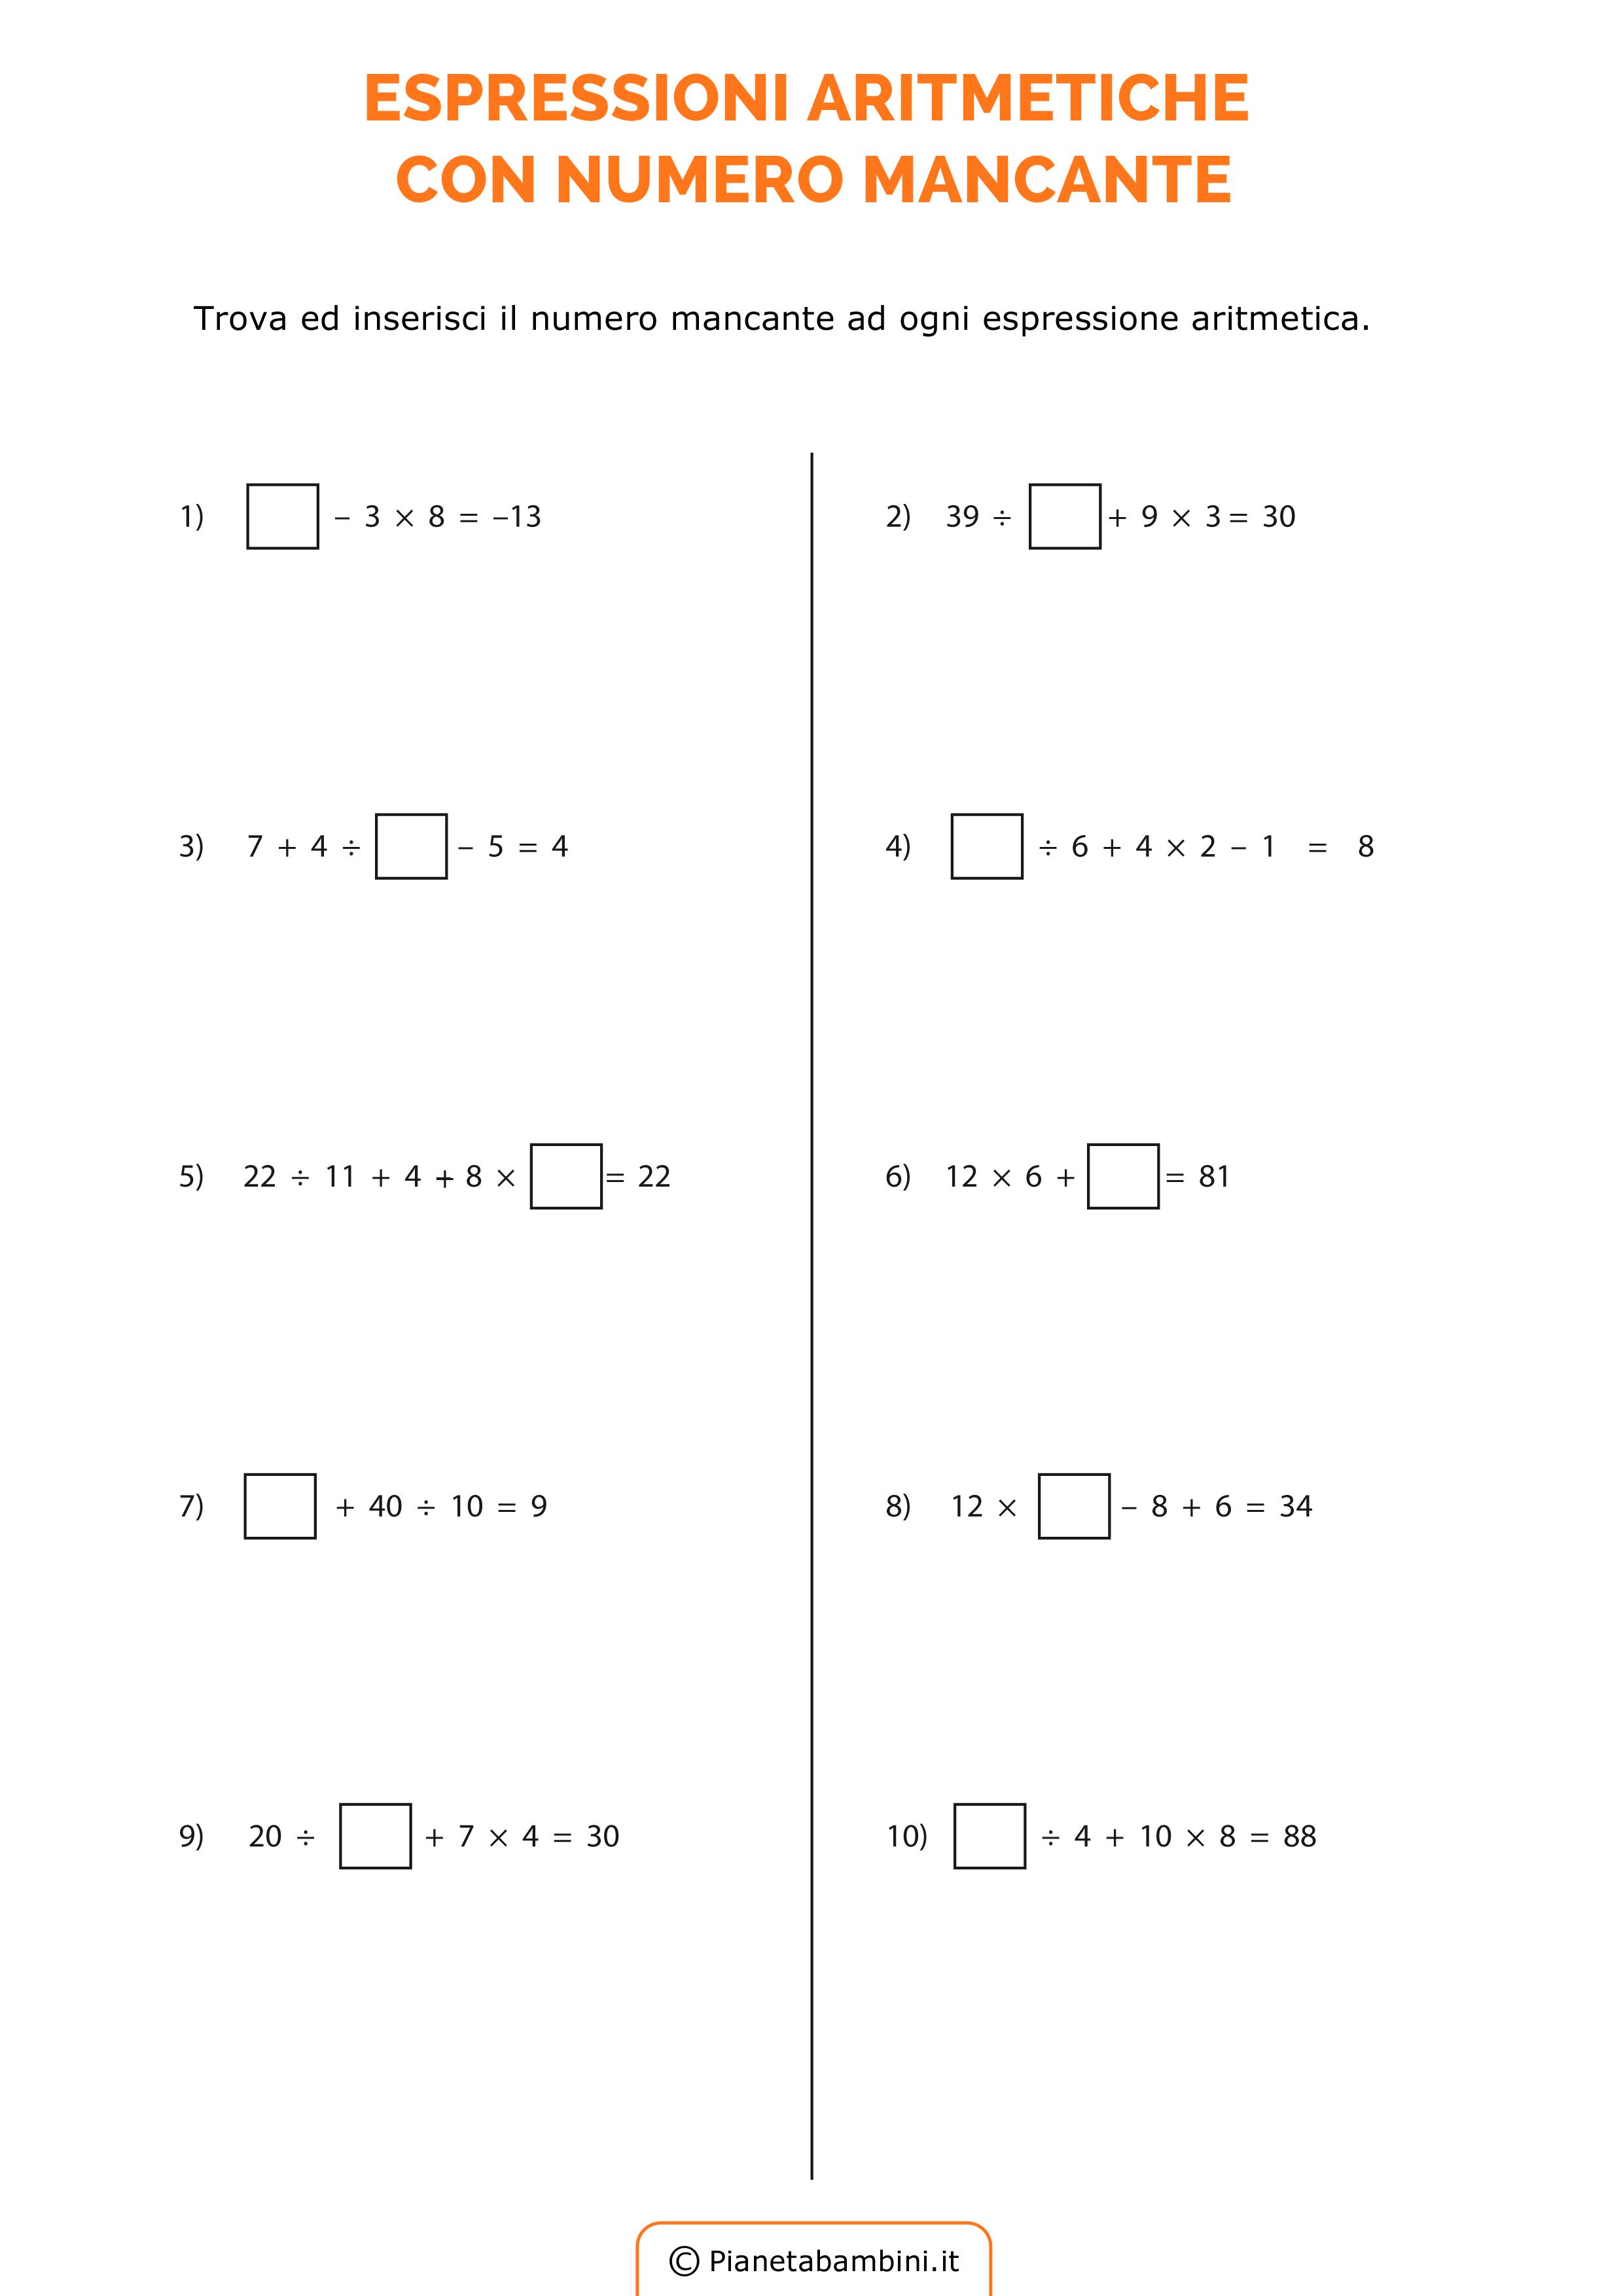 Esercizi-Espressioni-Numero-Mancante_2